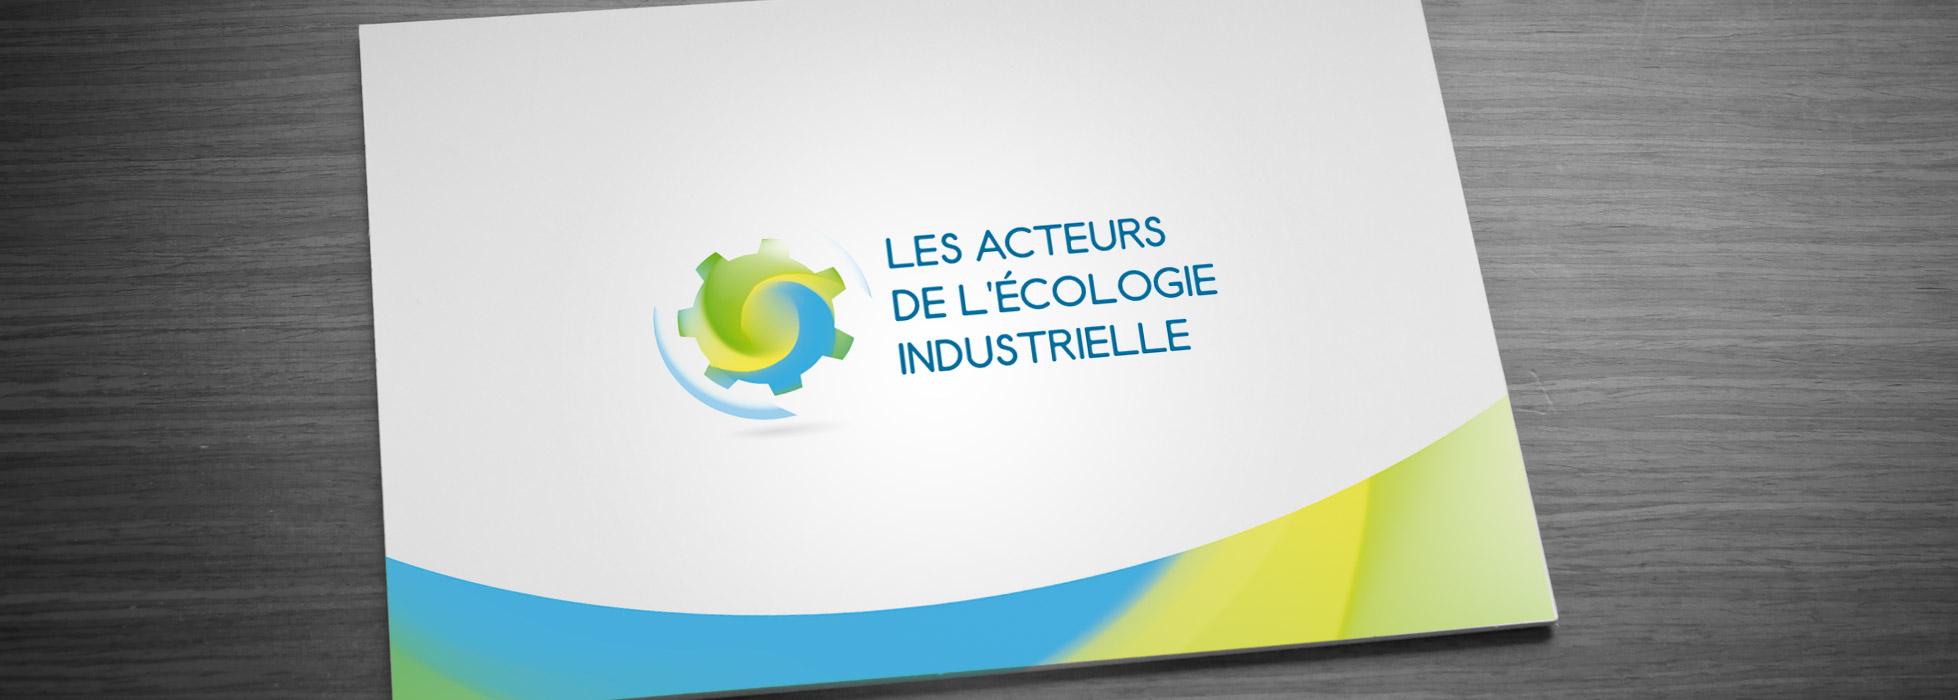 Identité : Les acteurs de l'écologie industrielle